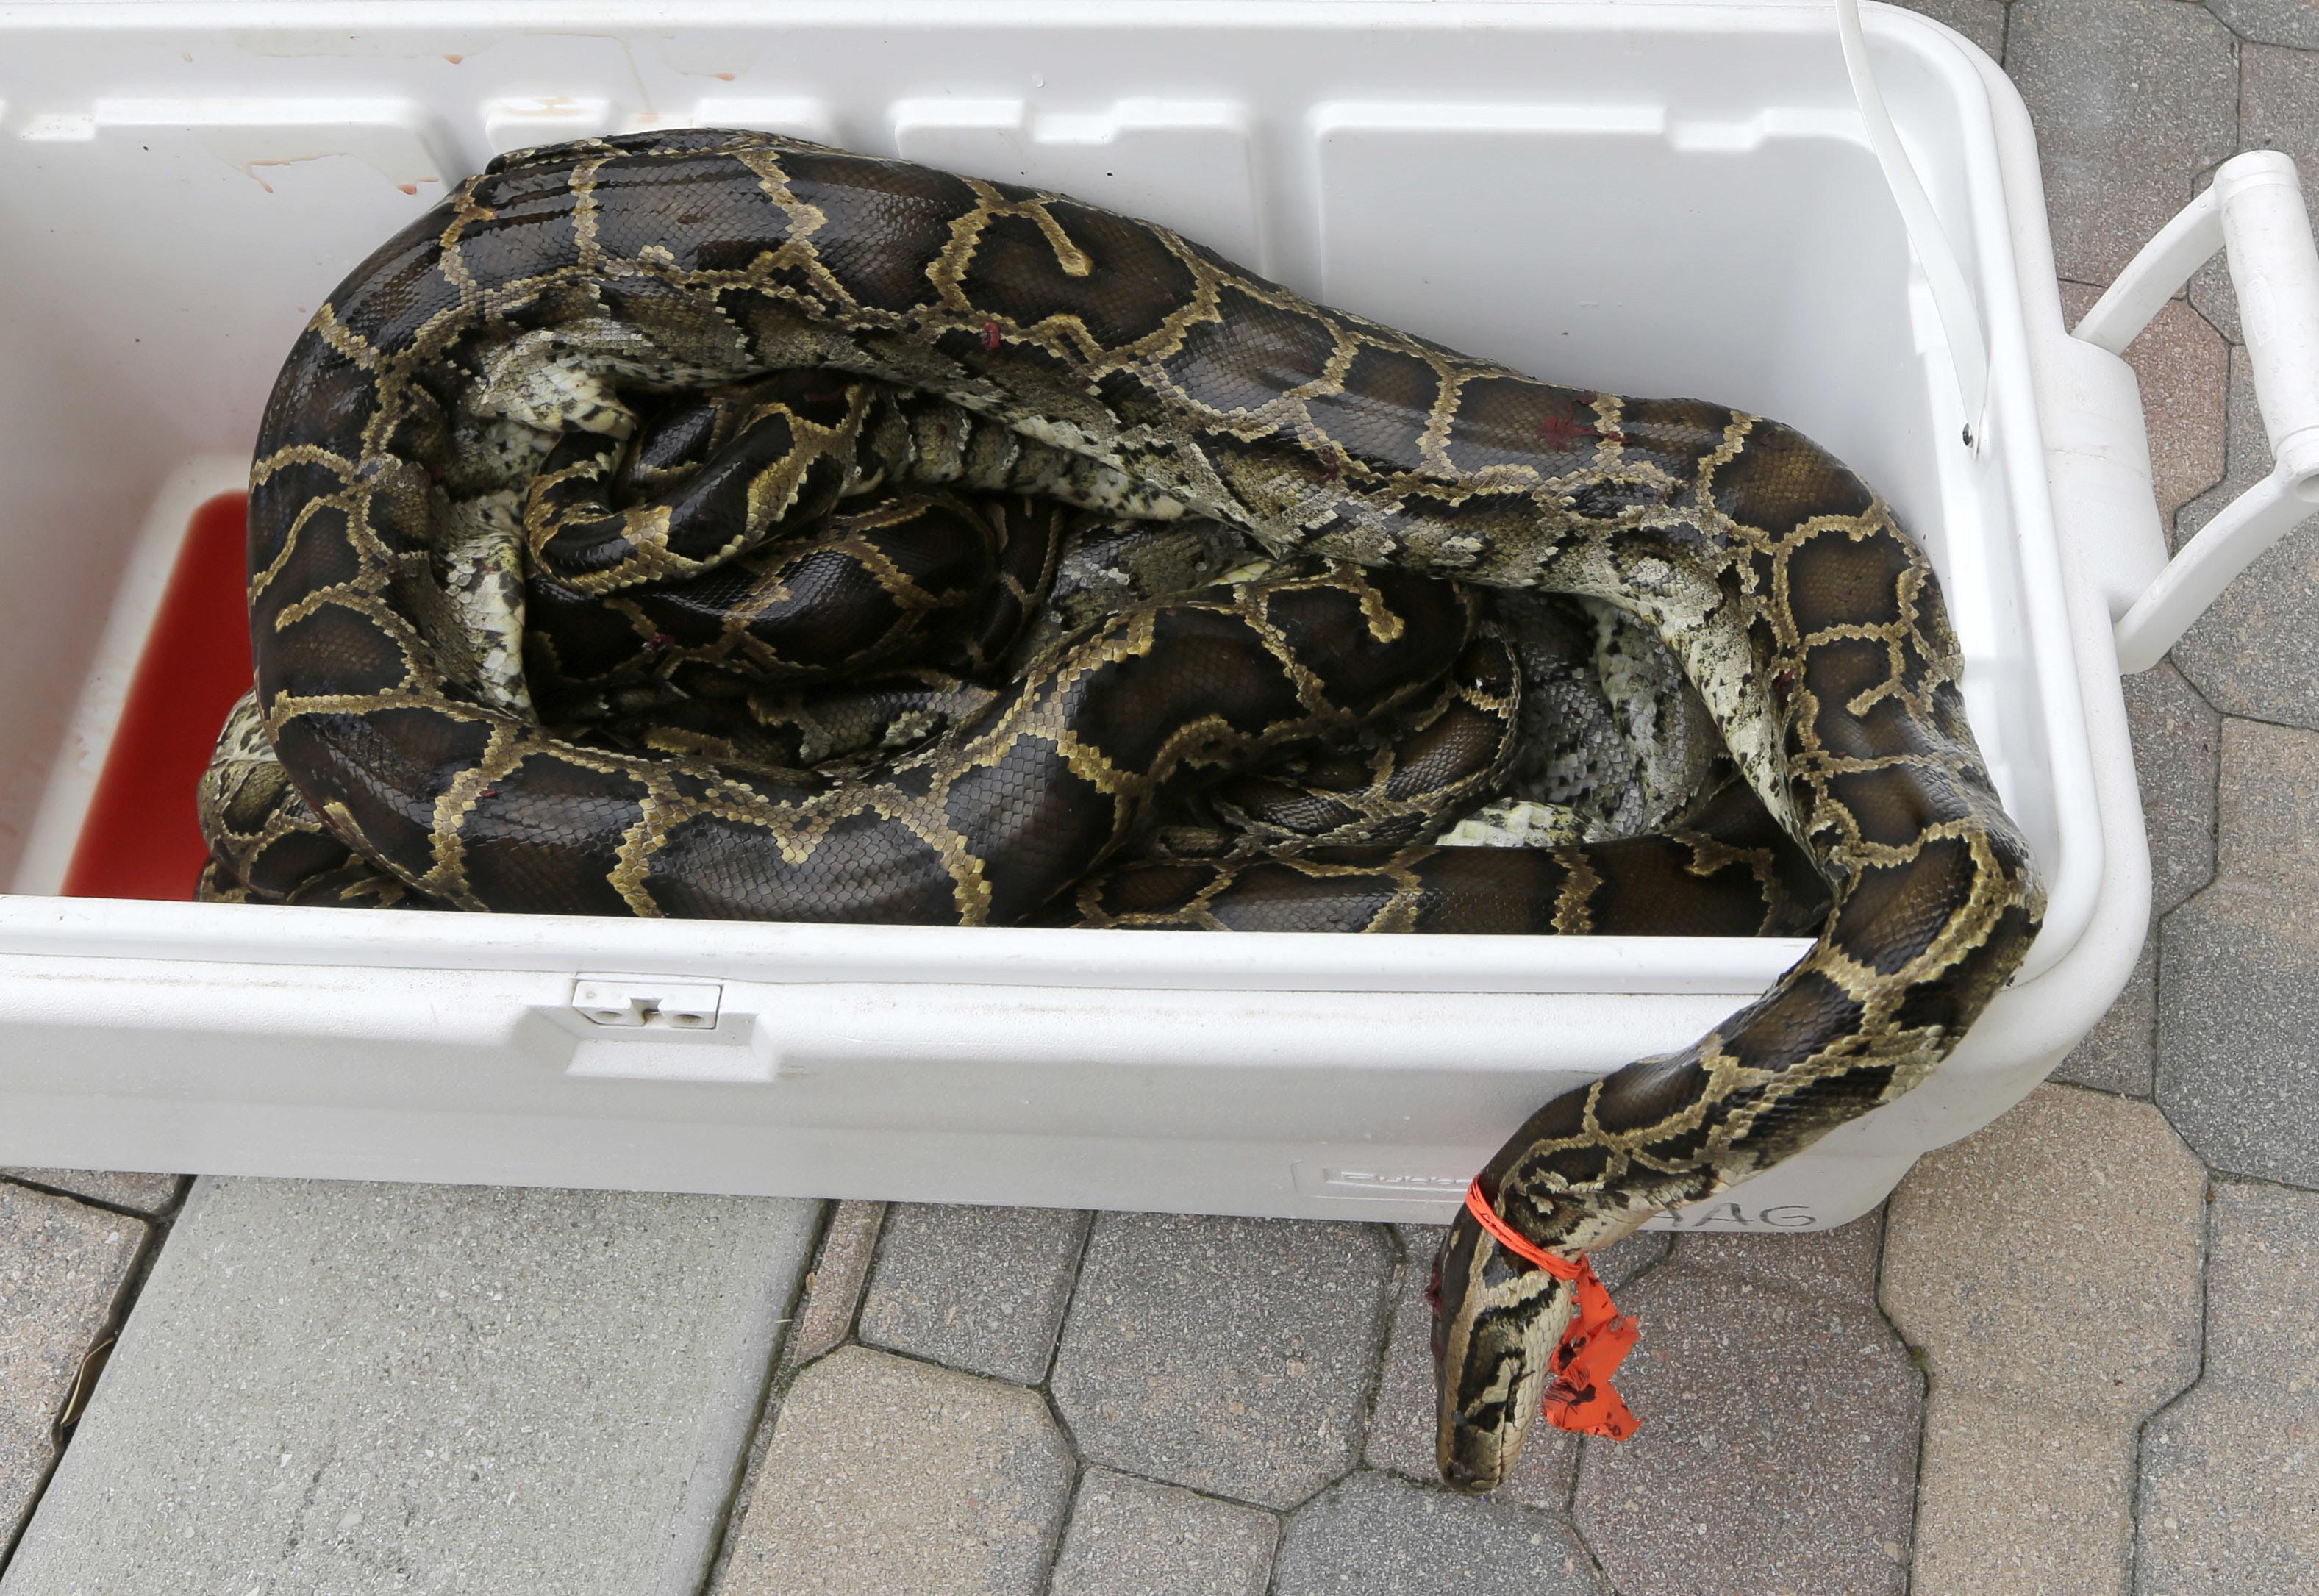 Capturan 106 ejemplares en caza de serpientes pitón en Florida ...